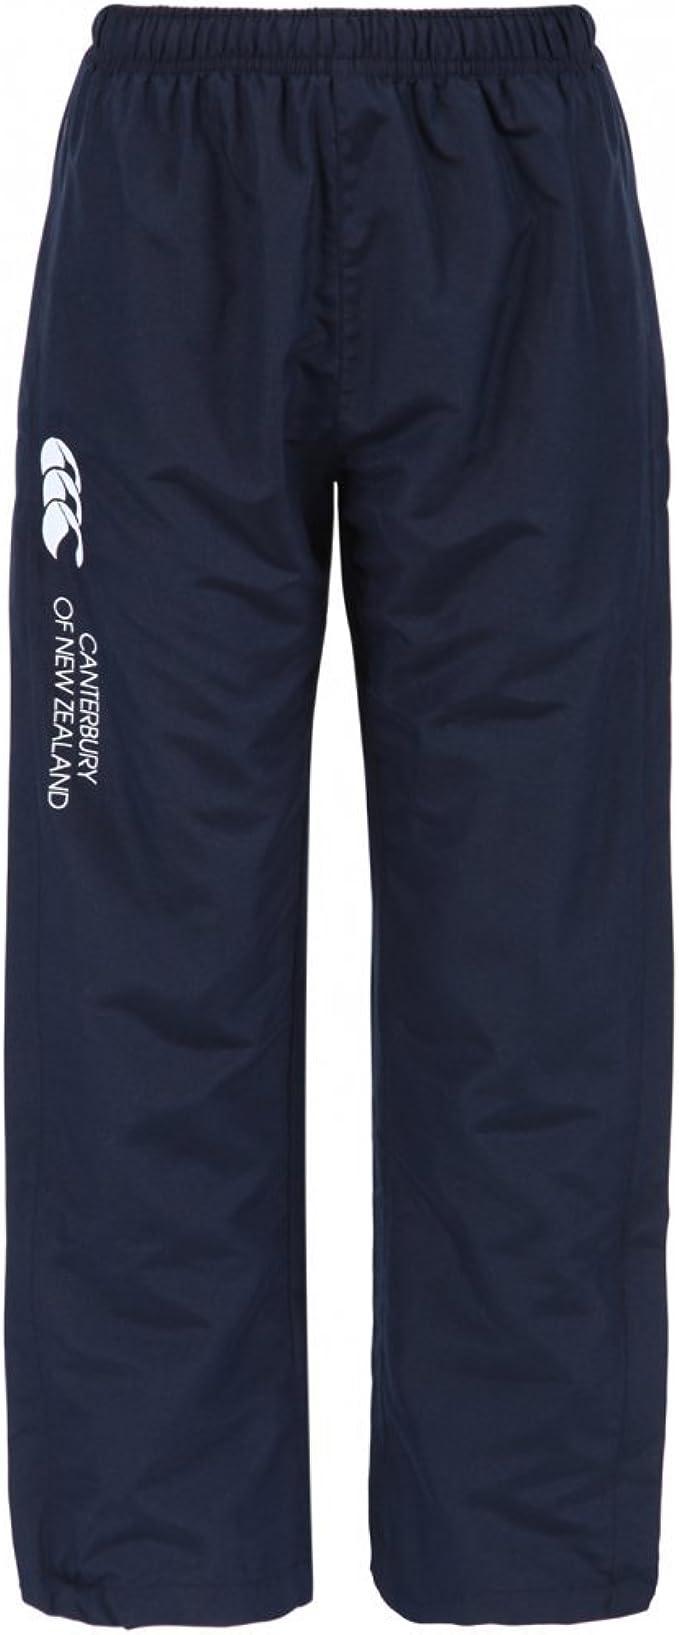 Canterbury - Pantalones de chandal con bajo abierto Modelo ...